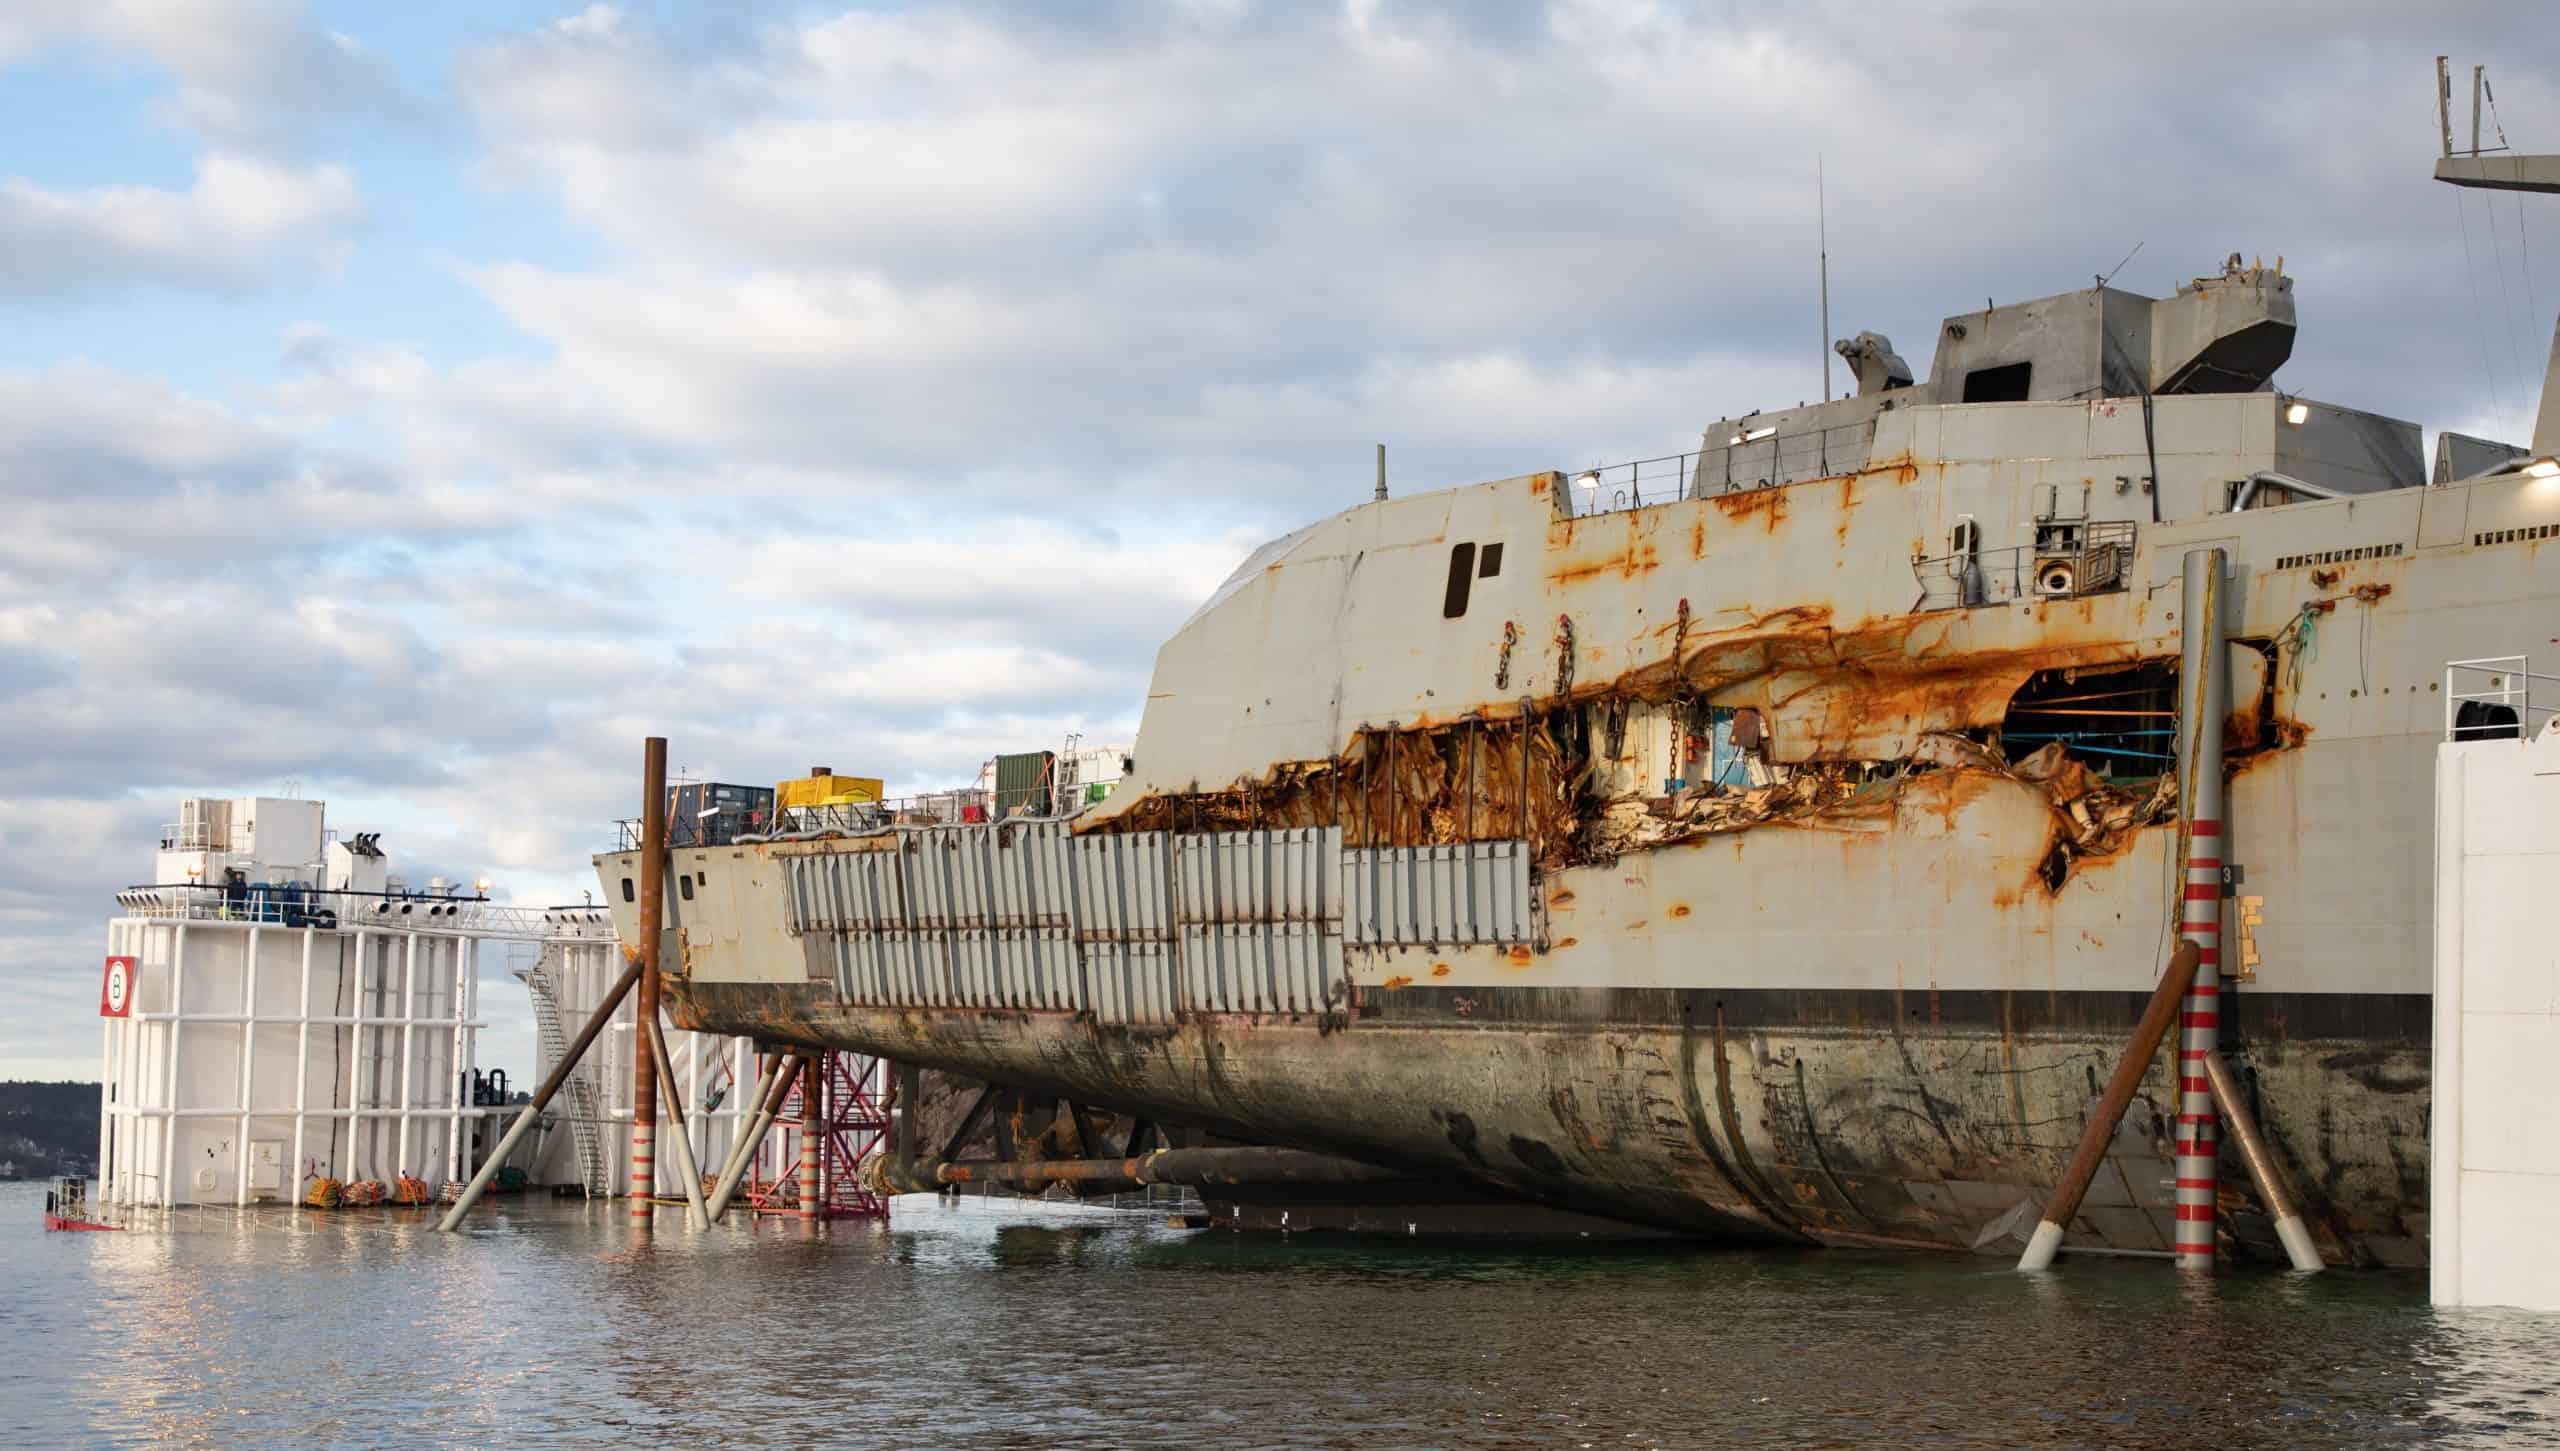 Пошкодження фрегата «Helge Ingstad» типу Fridtjof Nansen. Фото з відкритих джерел